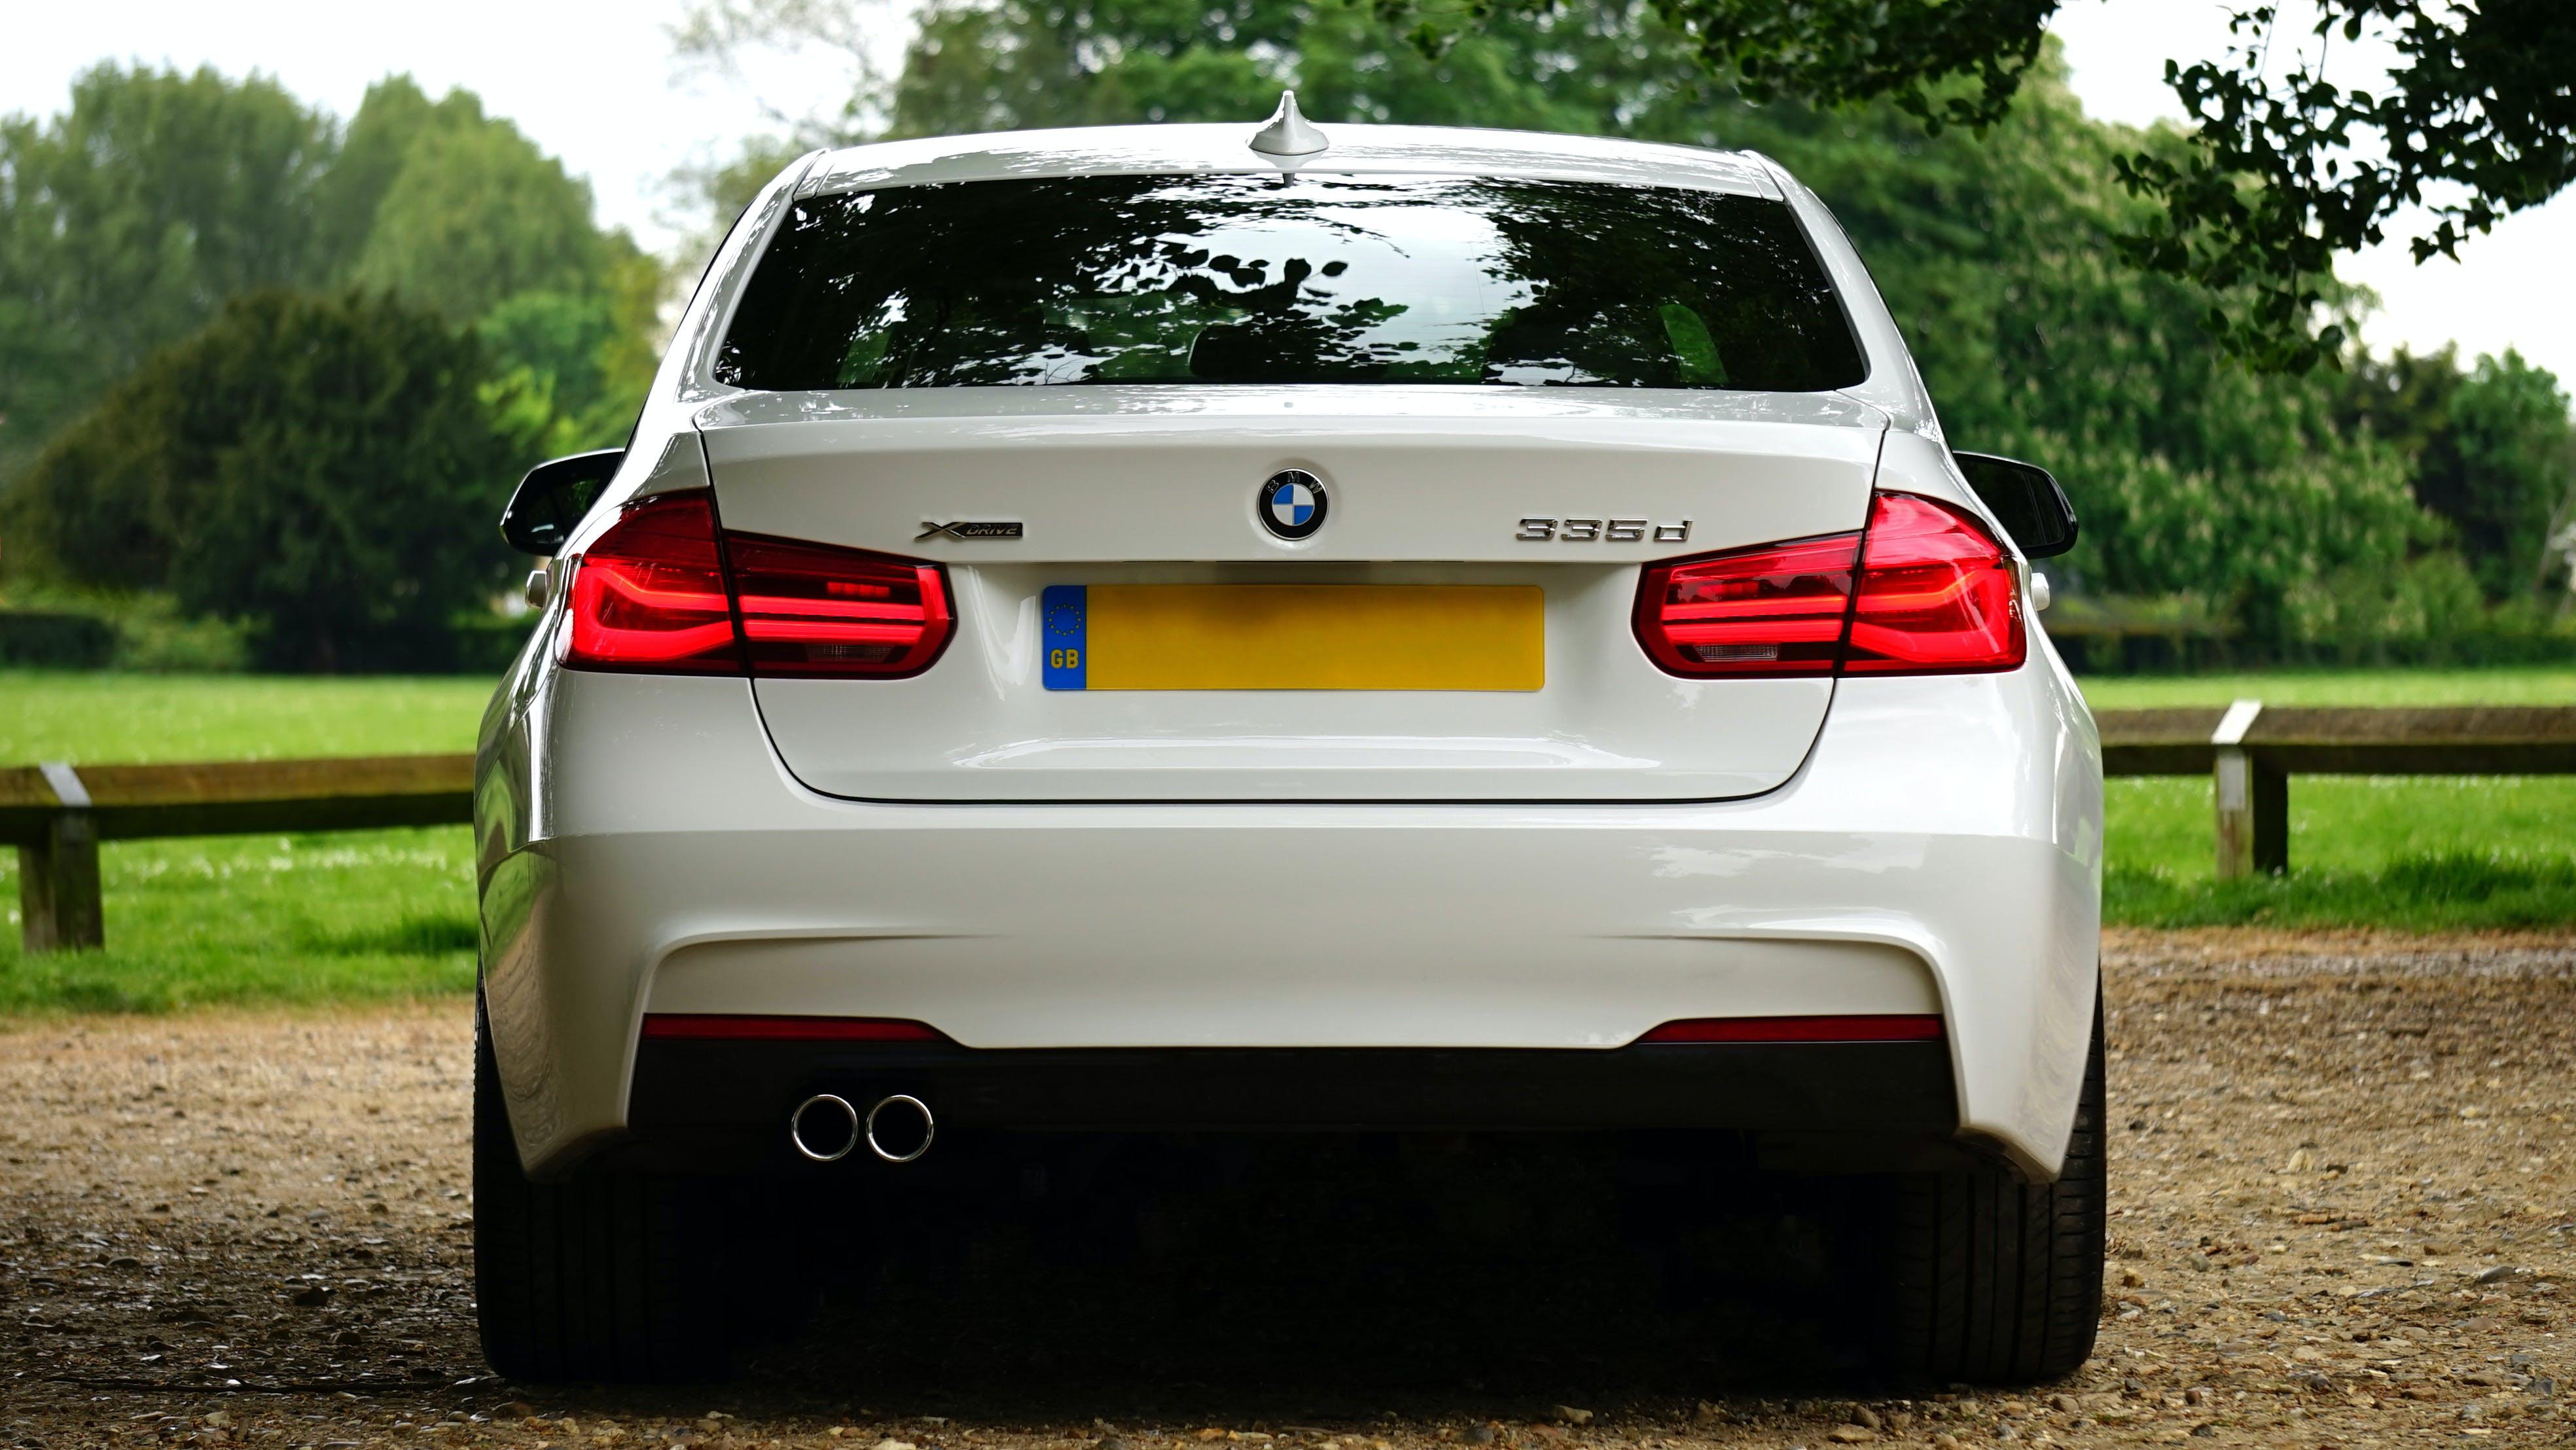 자동차 번호판, 차, 하얀색의 무료 스톡 사진